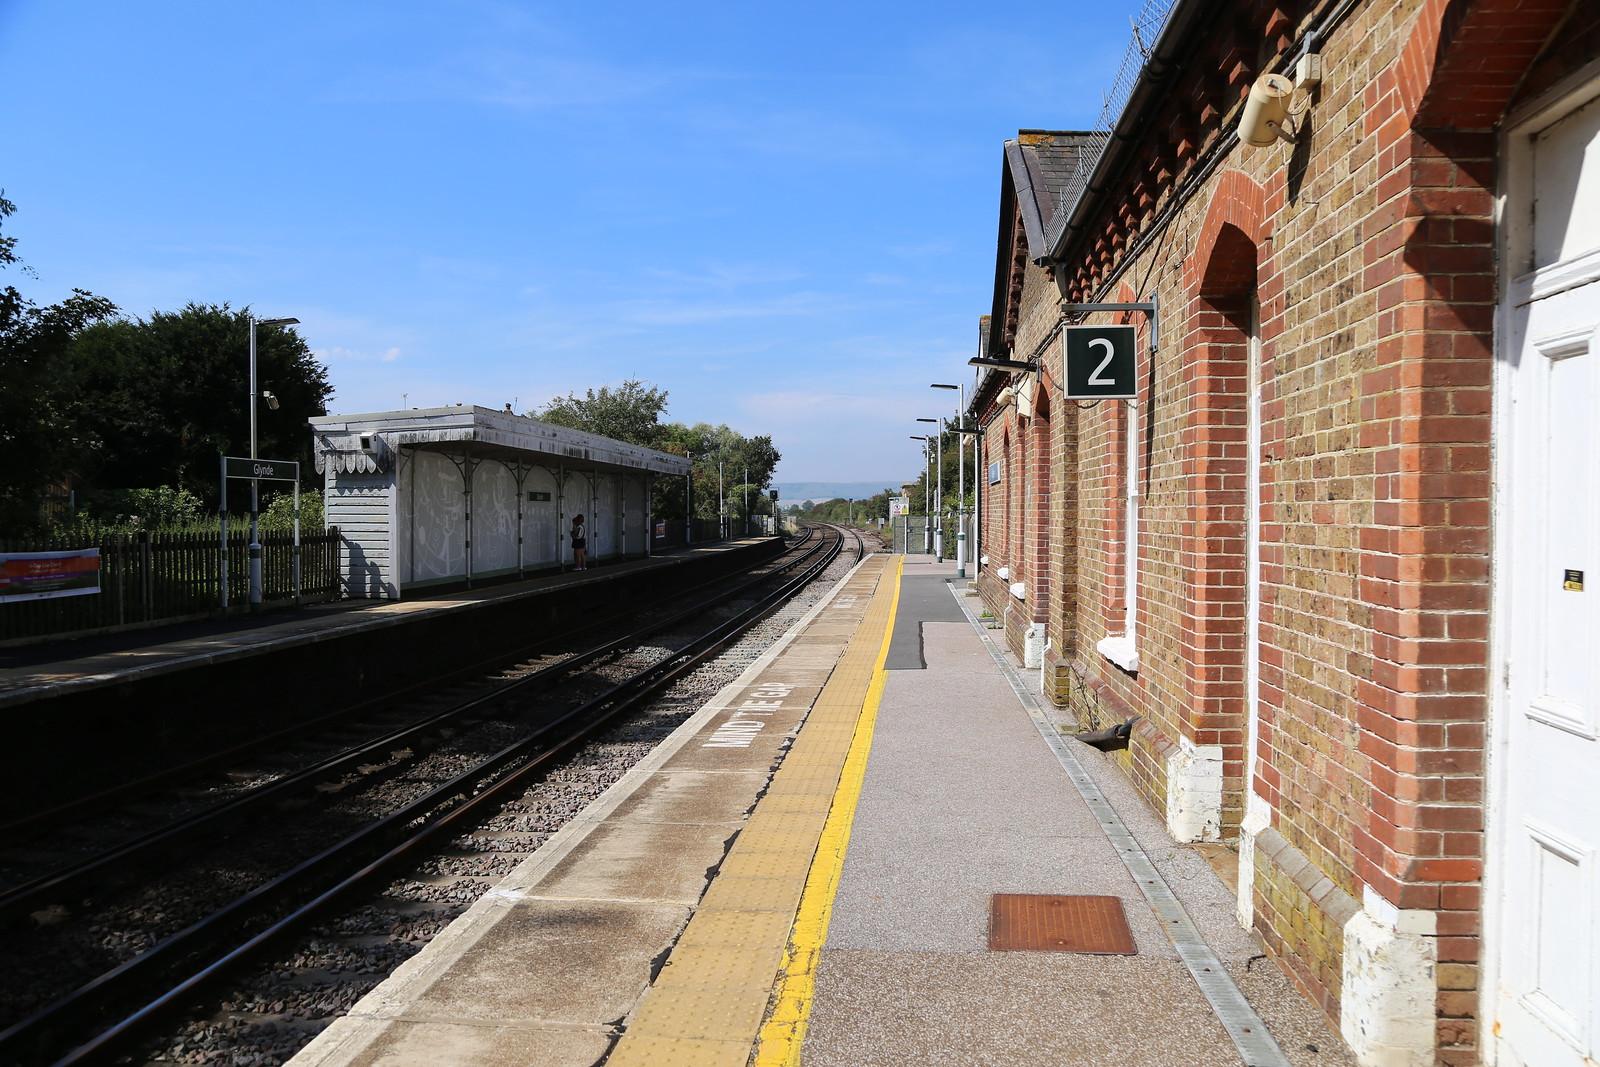 Glynde station